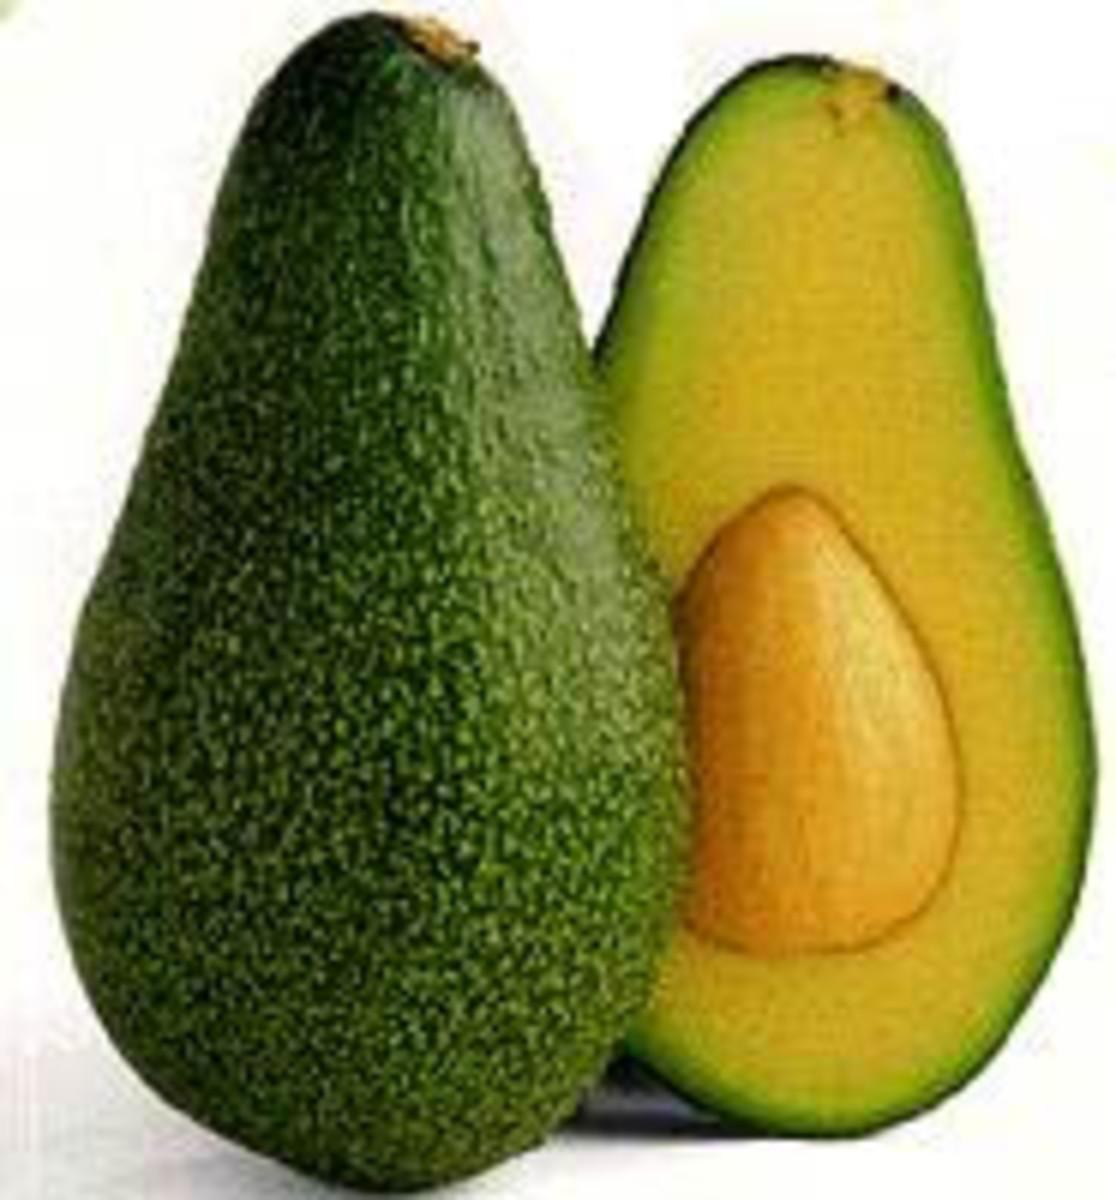 nourishing skin ingredient.